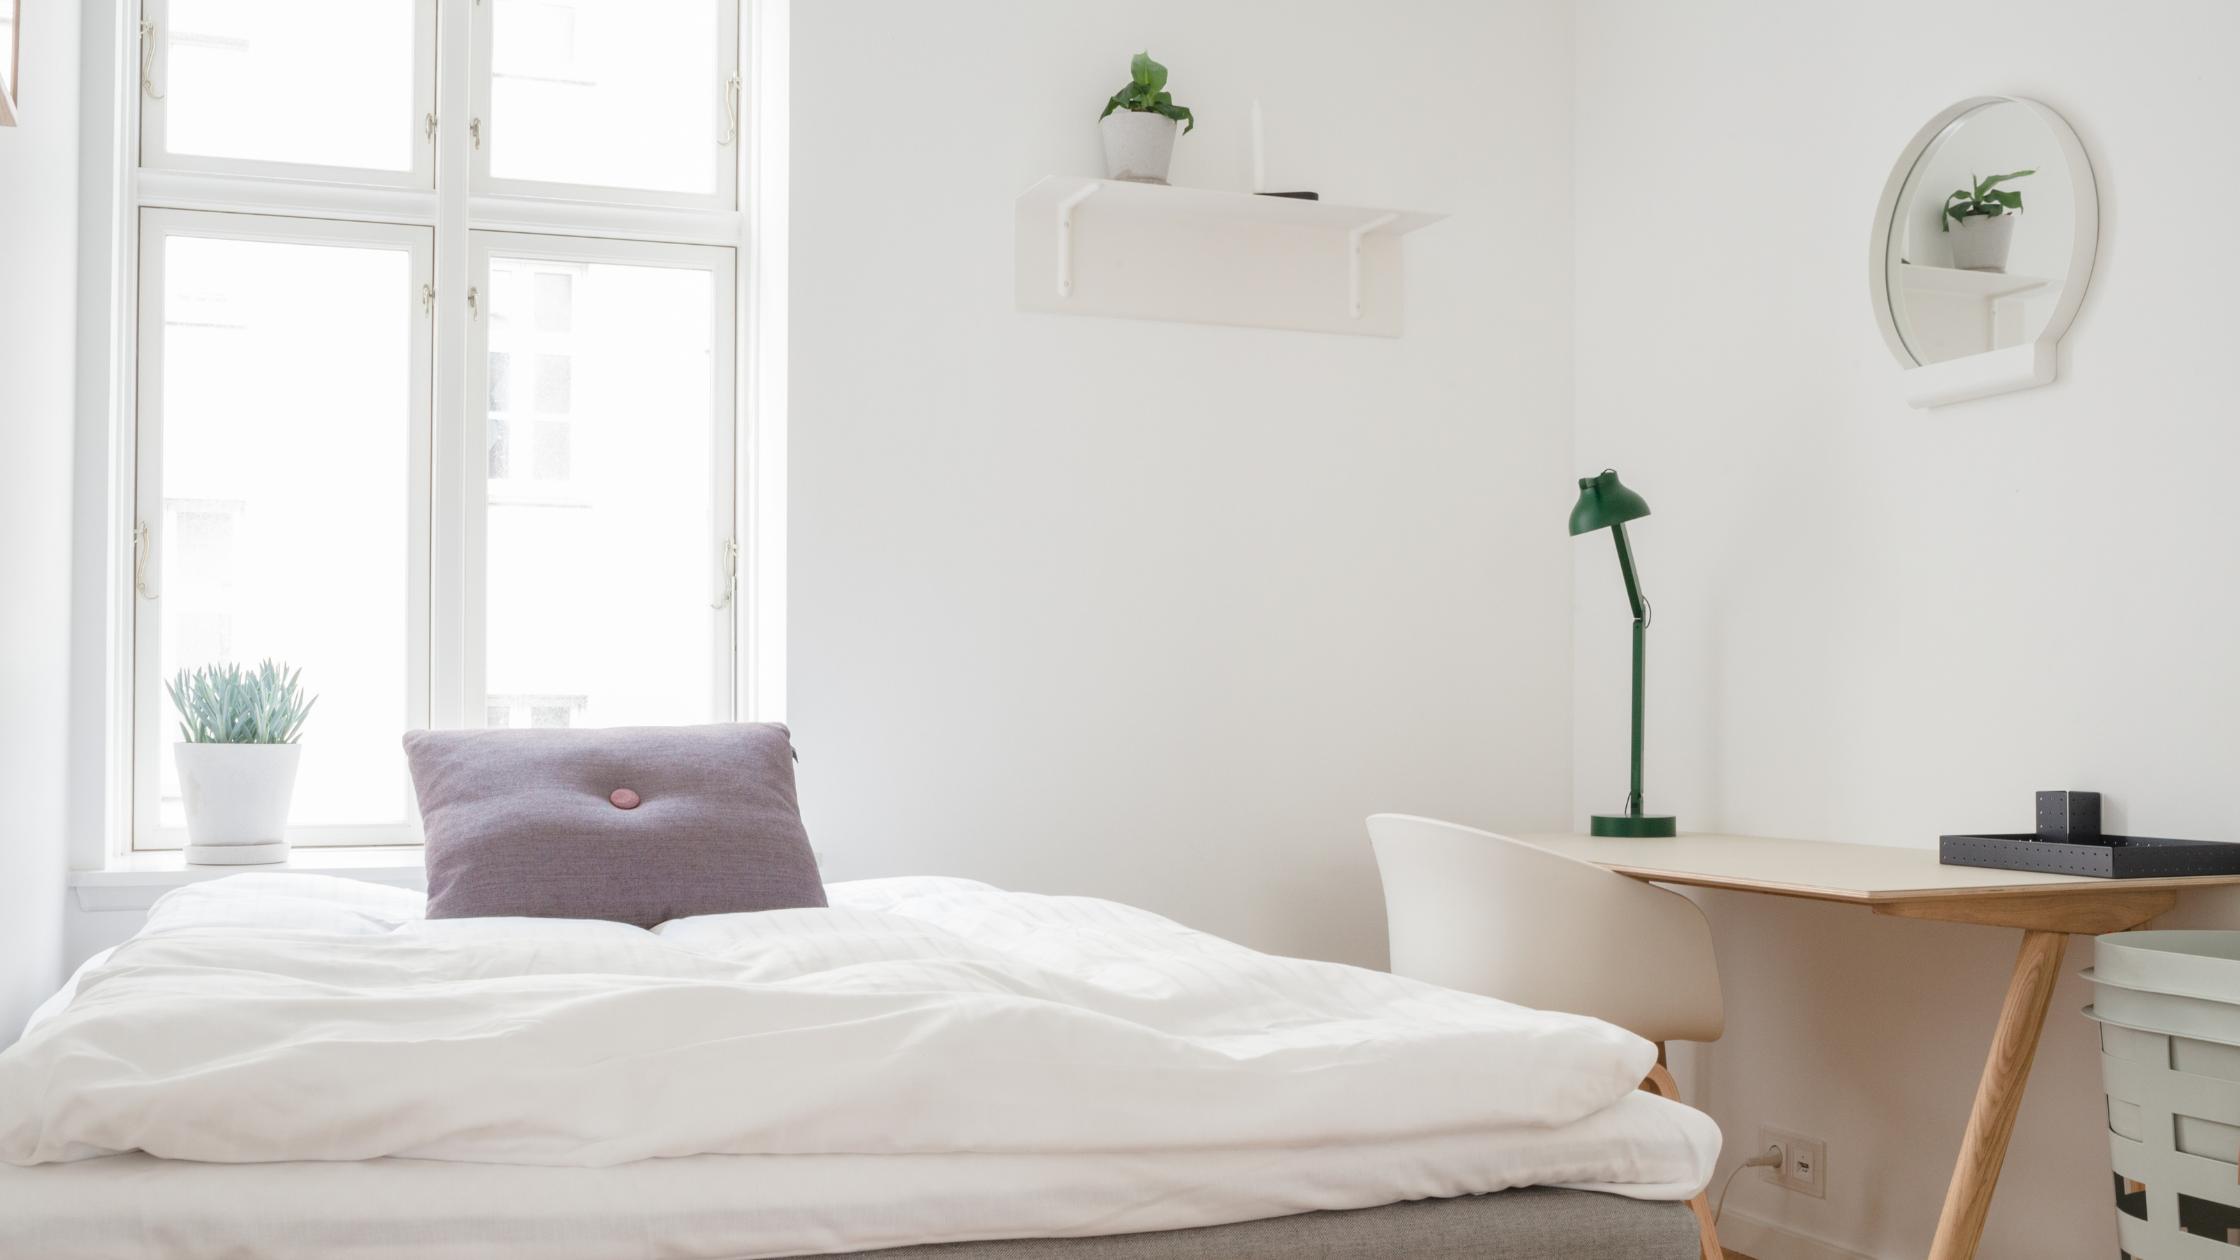 LifeX apartment bedroom